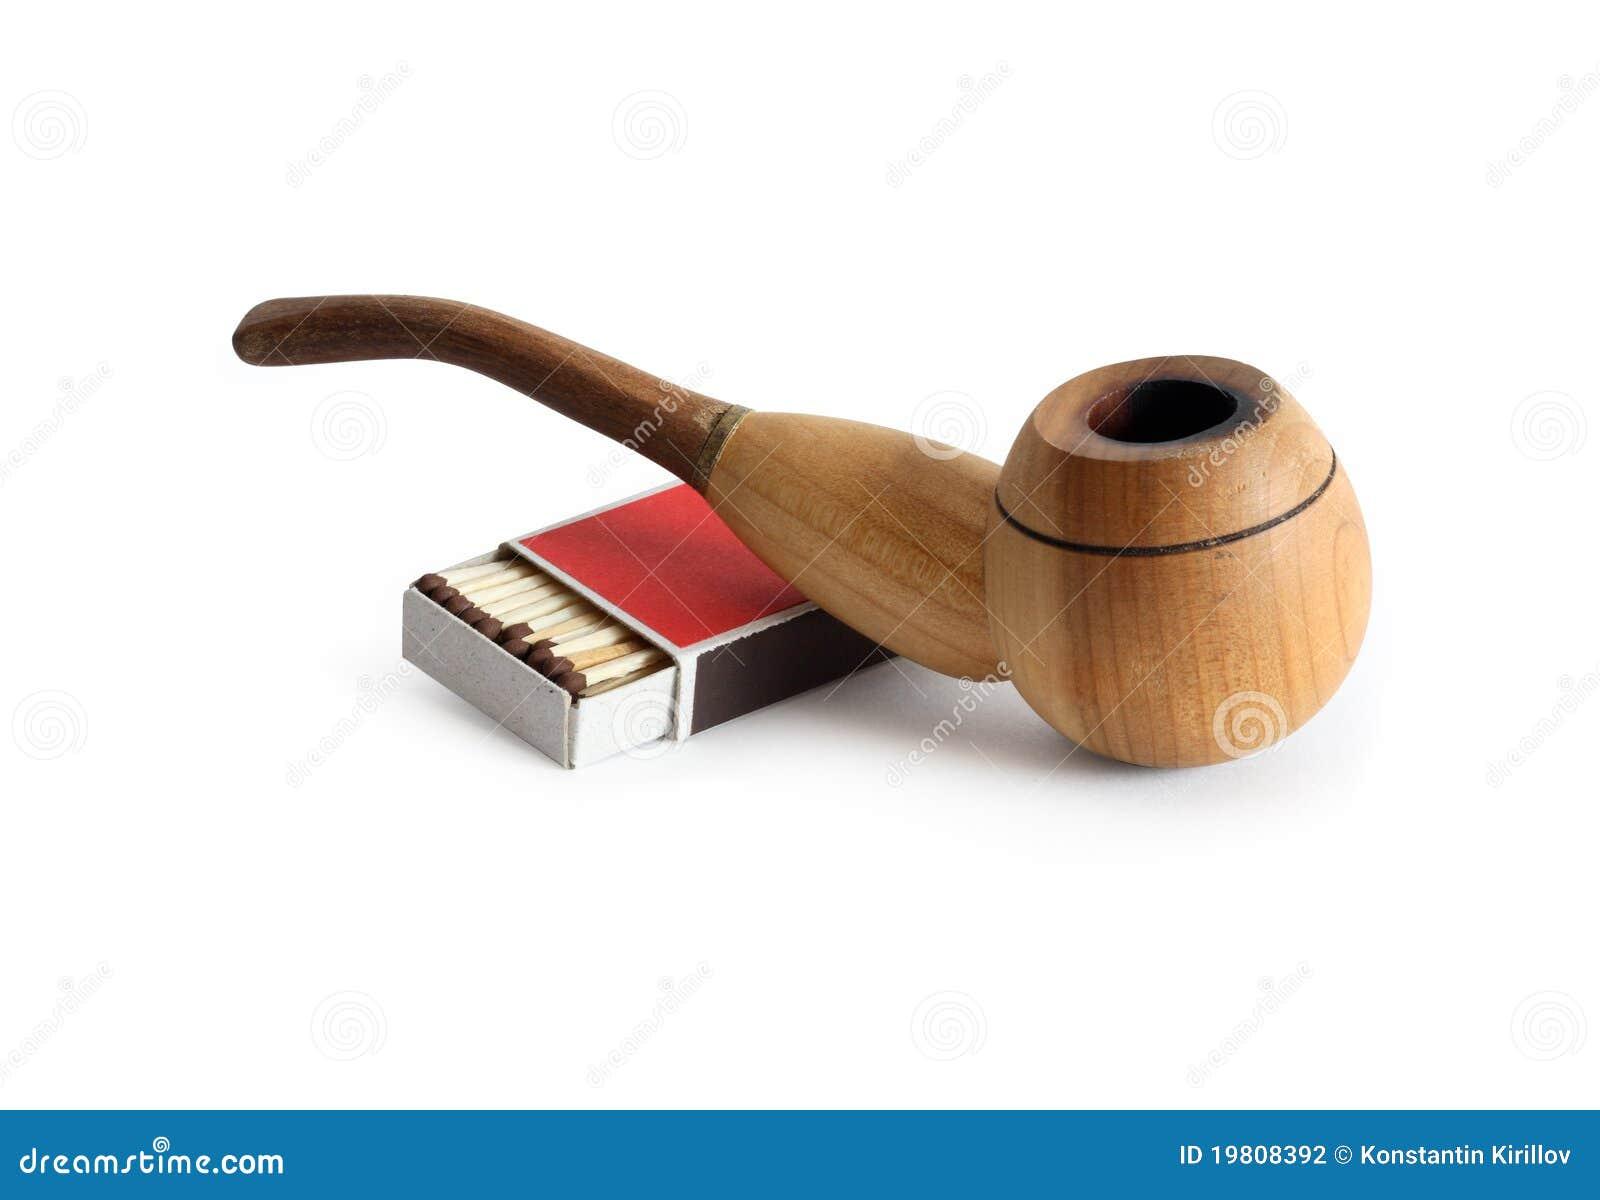 pipe smoking snail wallpaper - photo #14